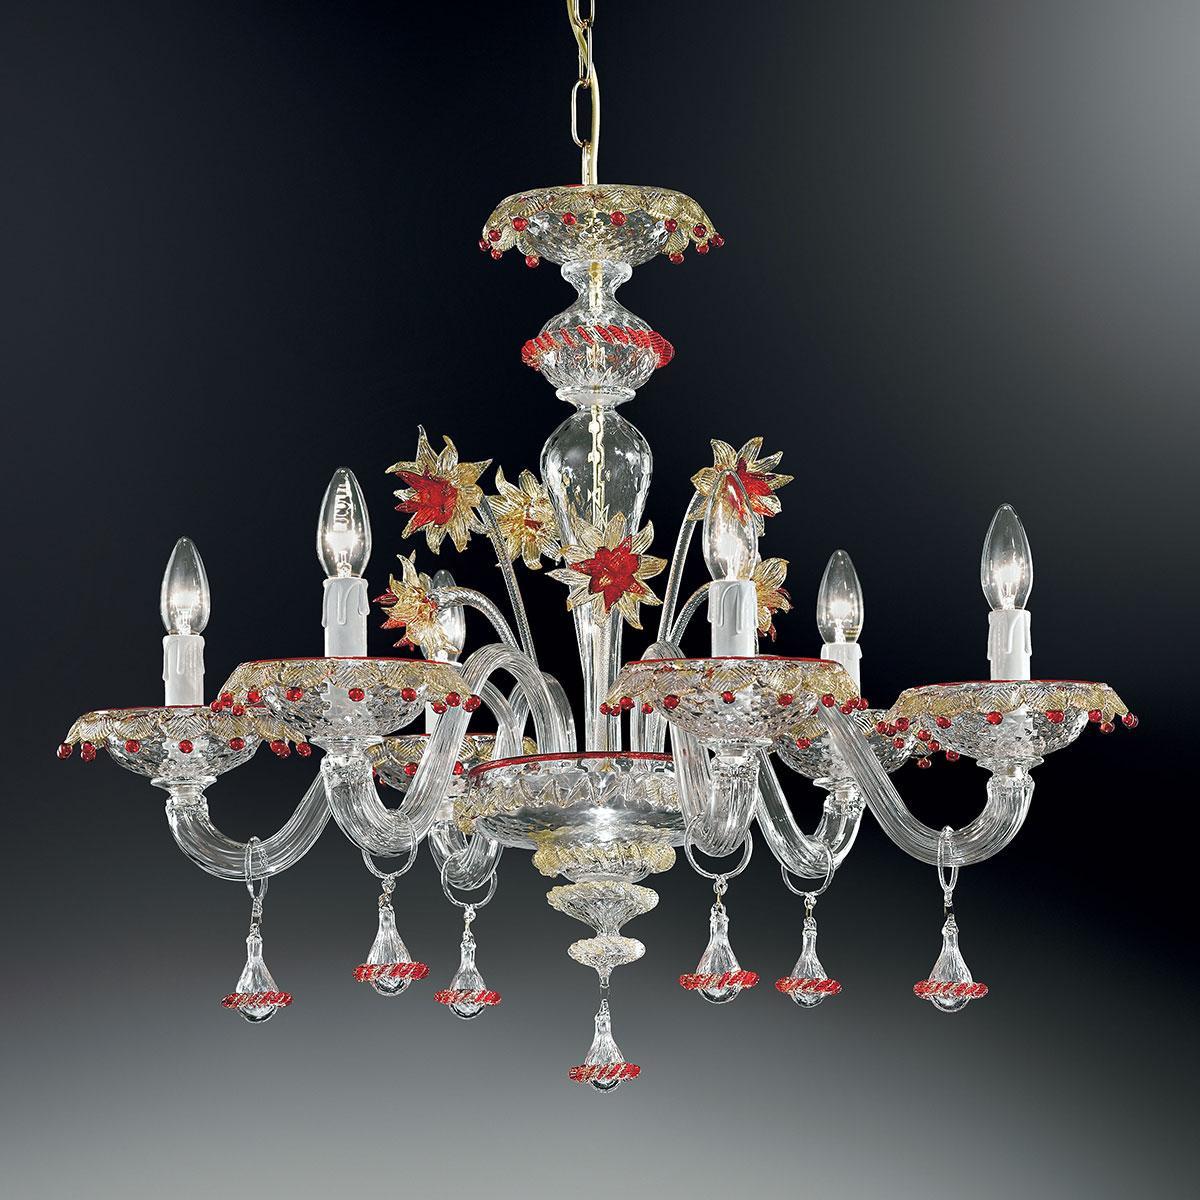 """""""Florenza"""" lustre en cristal de Murano - 6 lumières - transparent, or et rouge"""